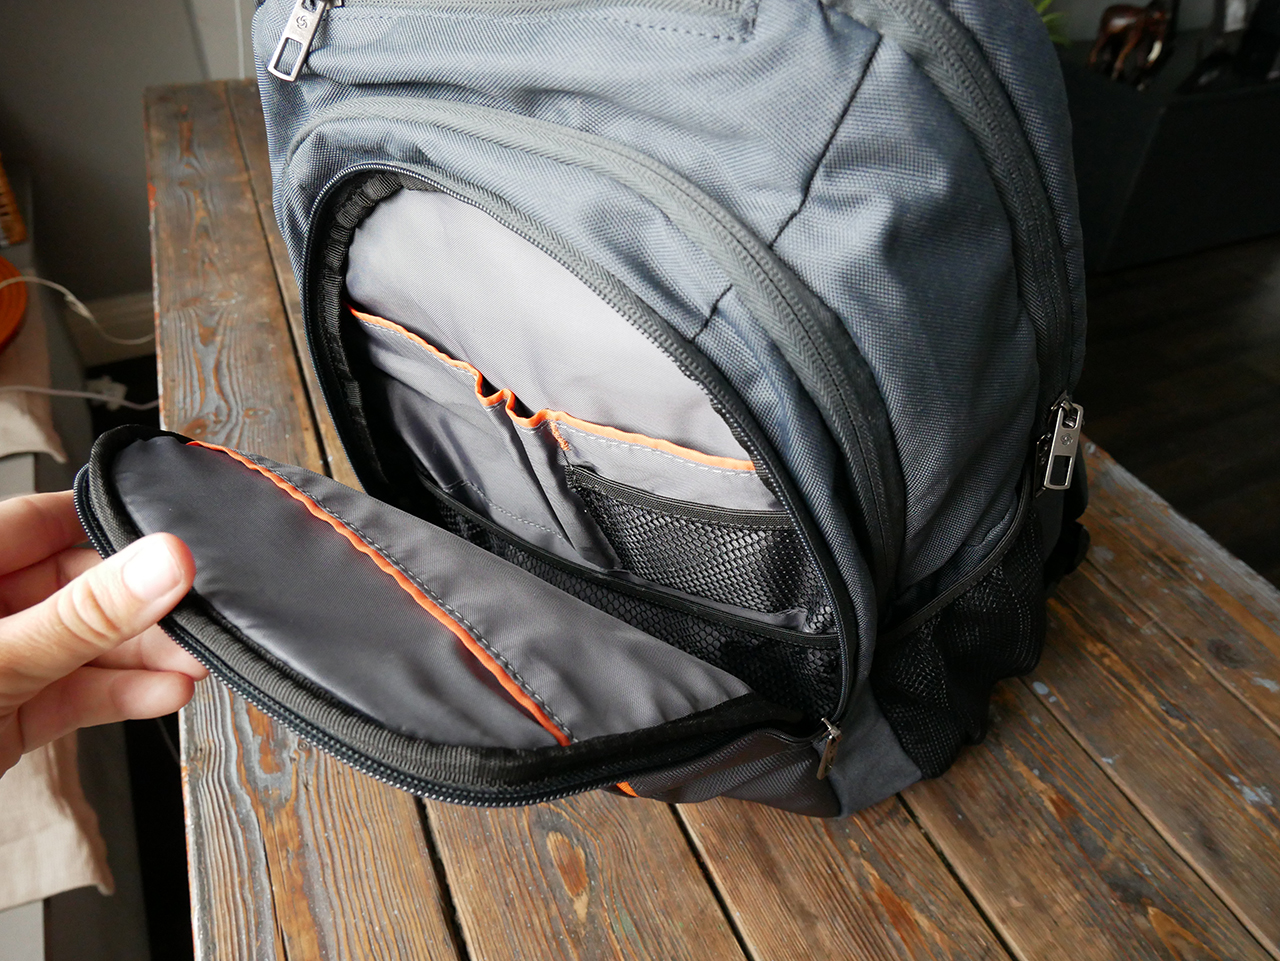 513bd2c5ba3c0 Samsonite GuardIT Laptop Backpack Review